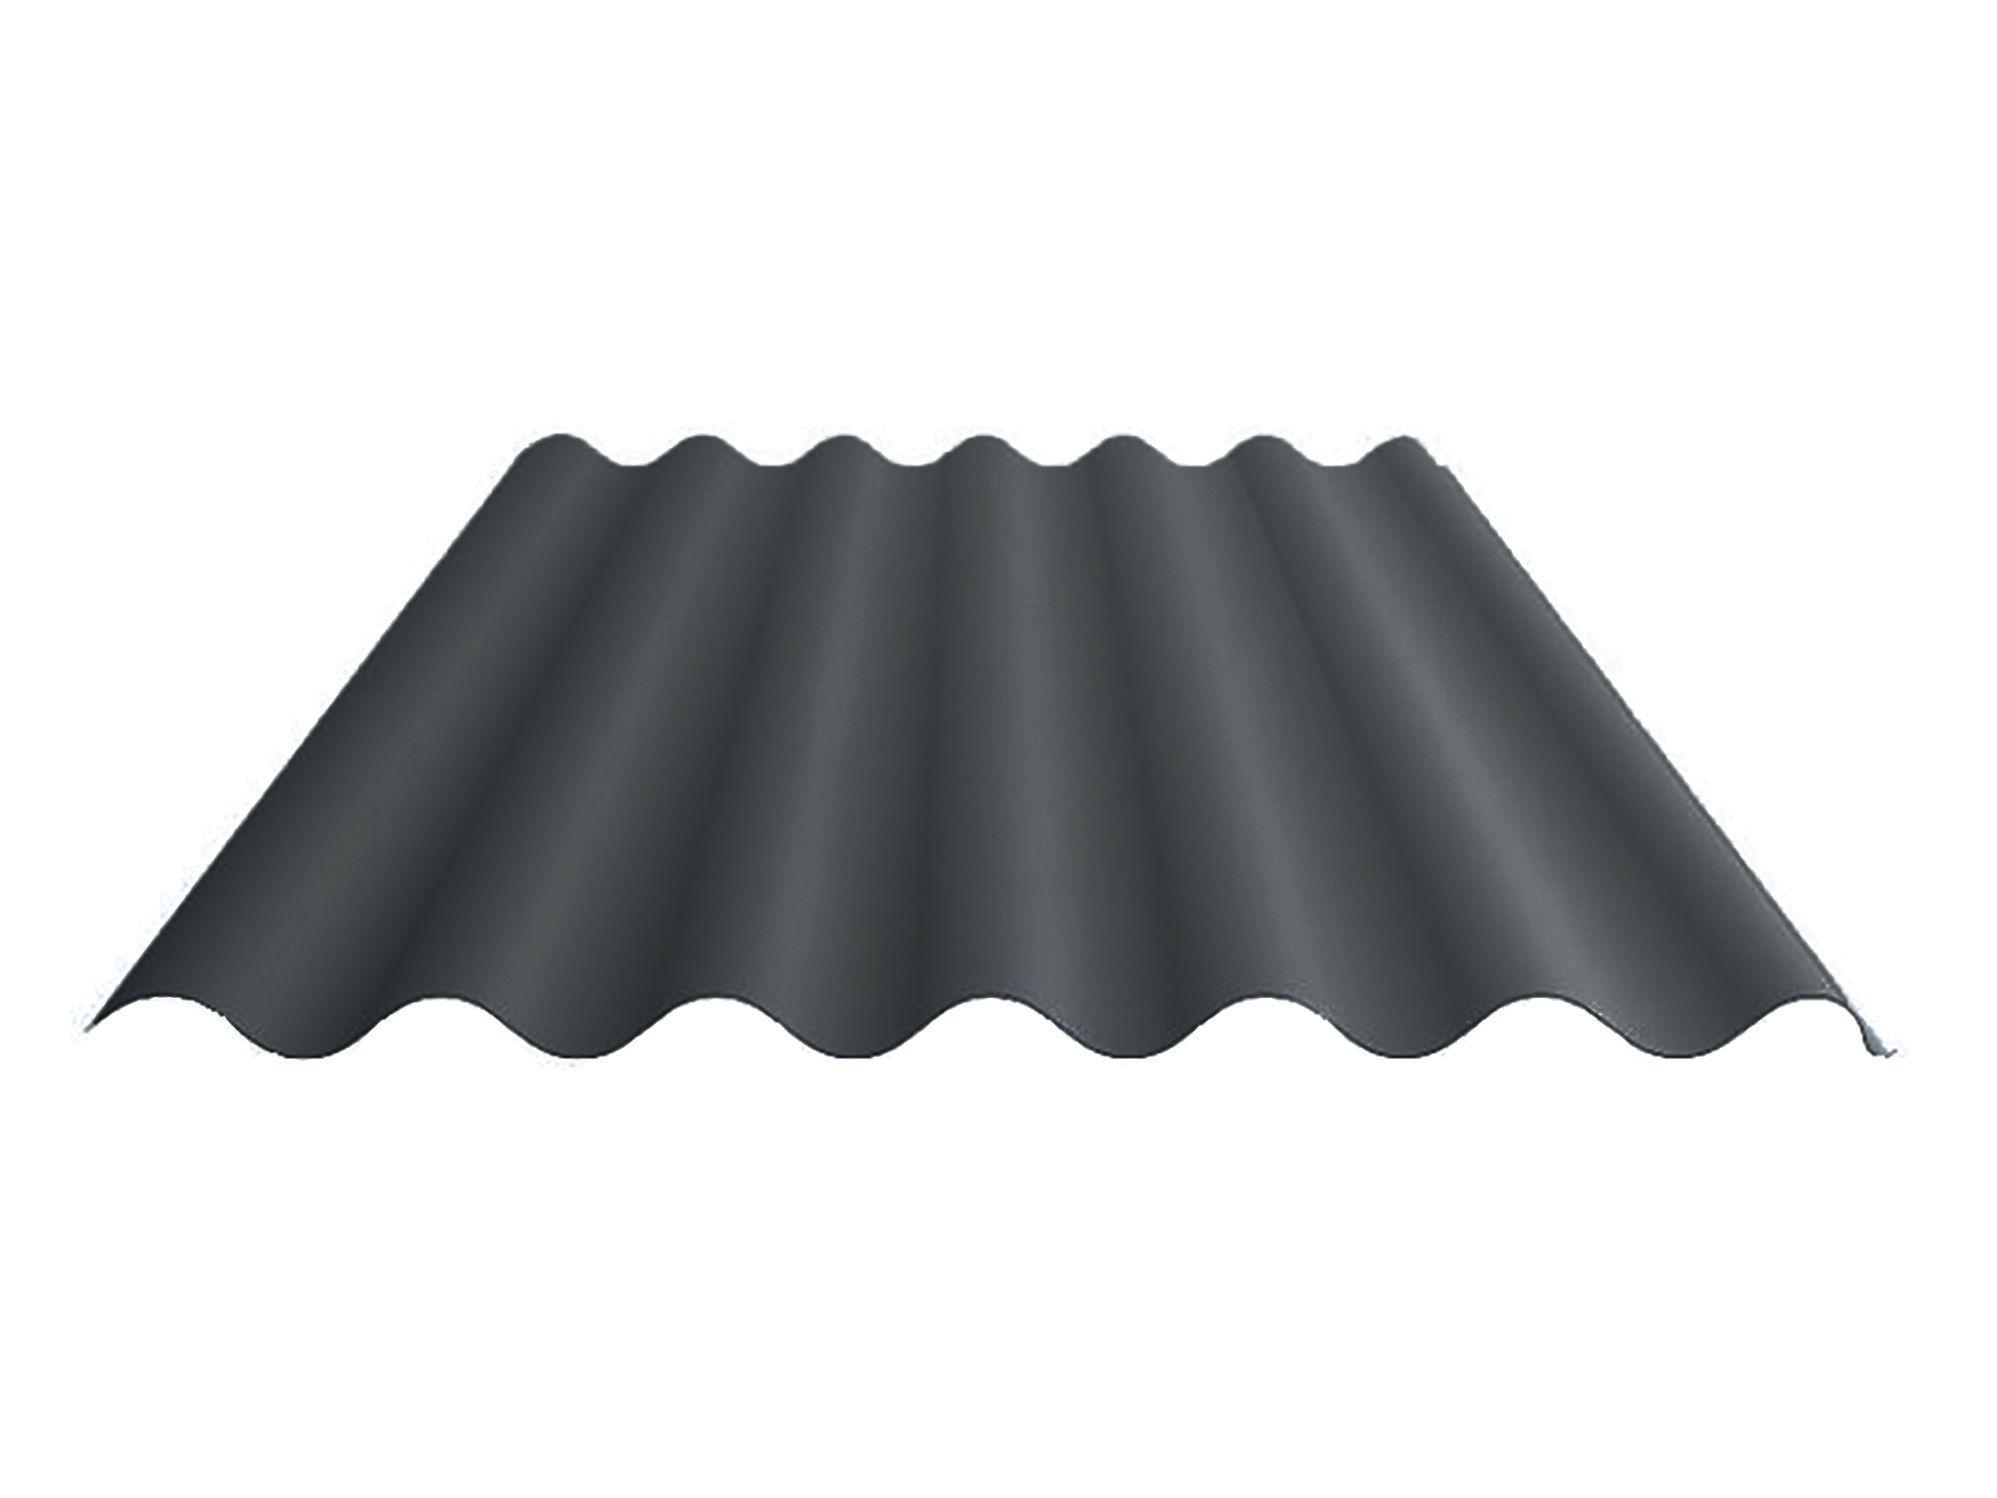 voordelen golfplaten dak